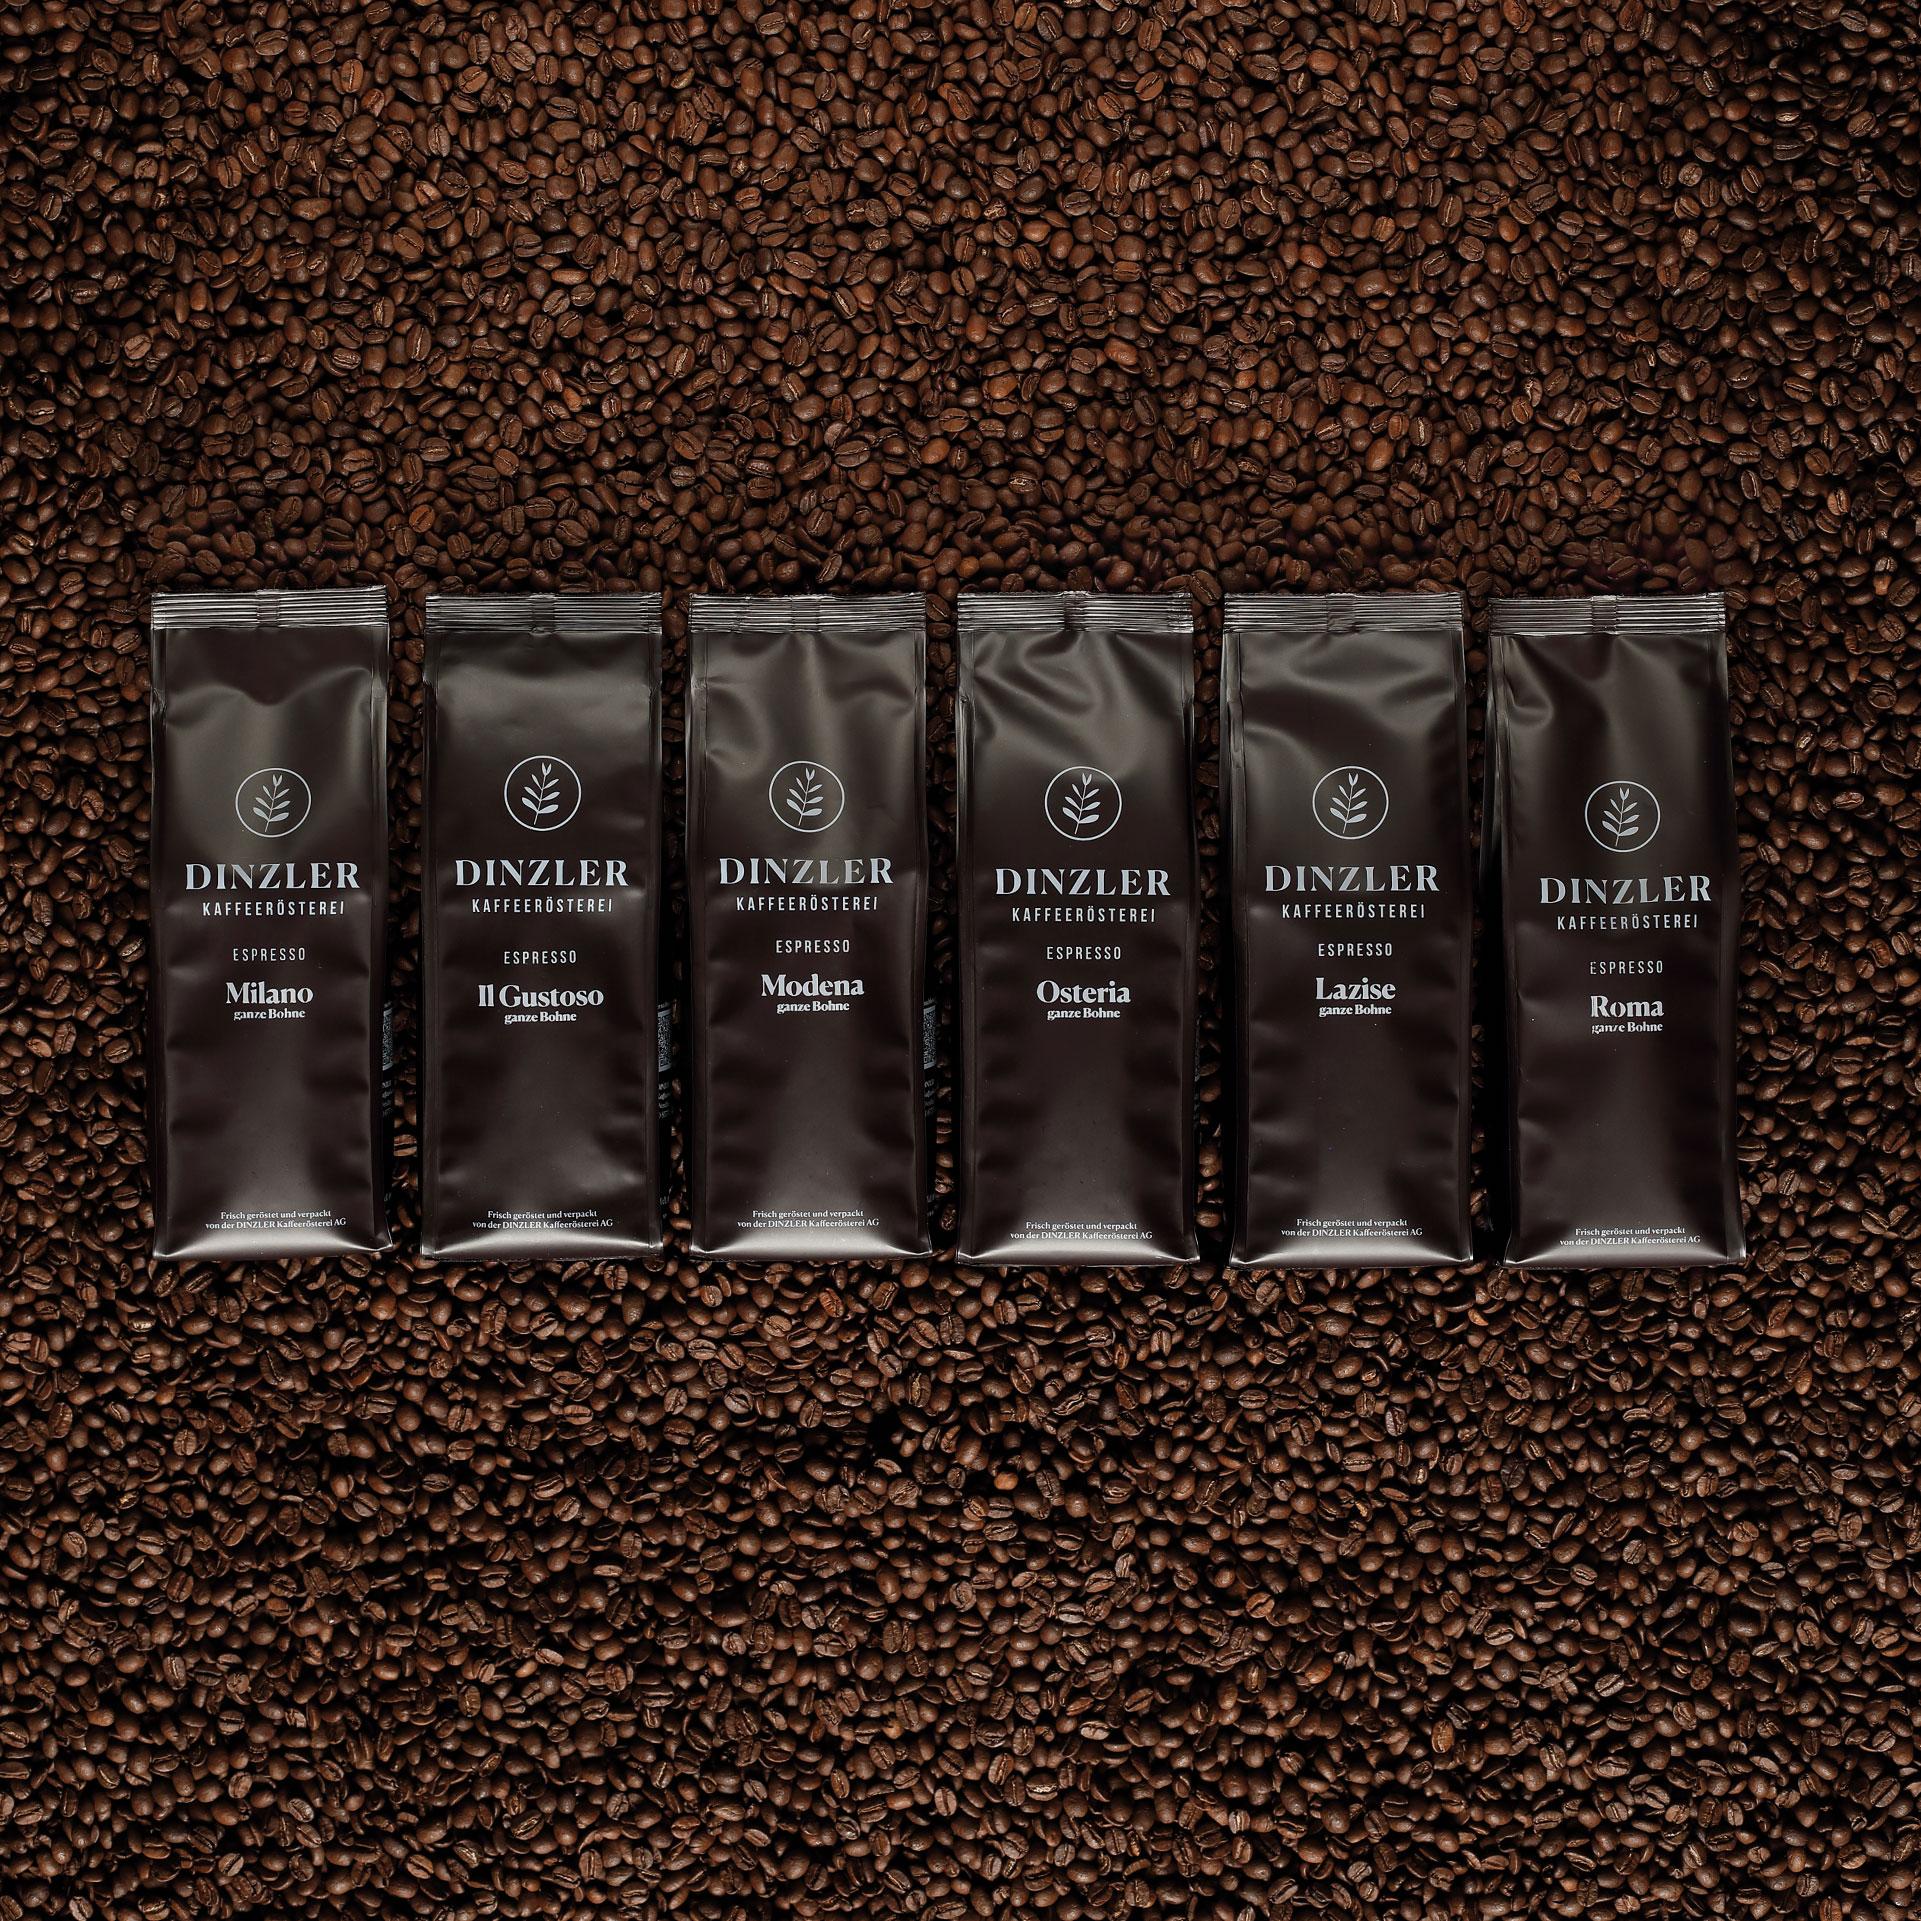 Espresso im Abo - DINZLER Kaffeeröstterei